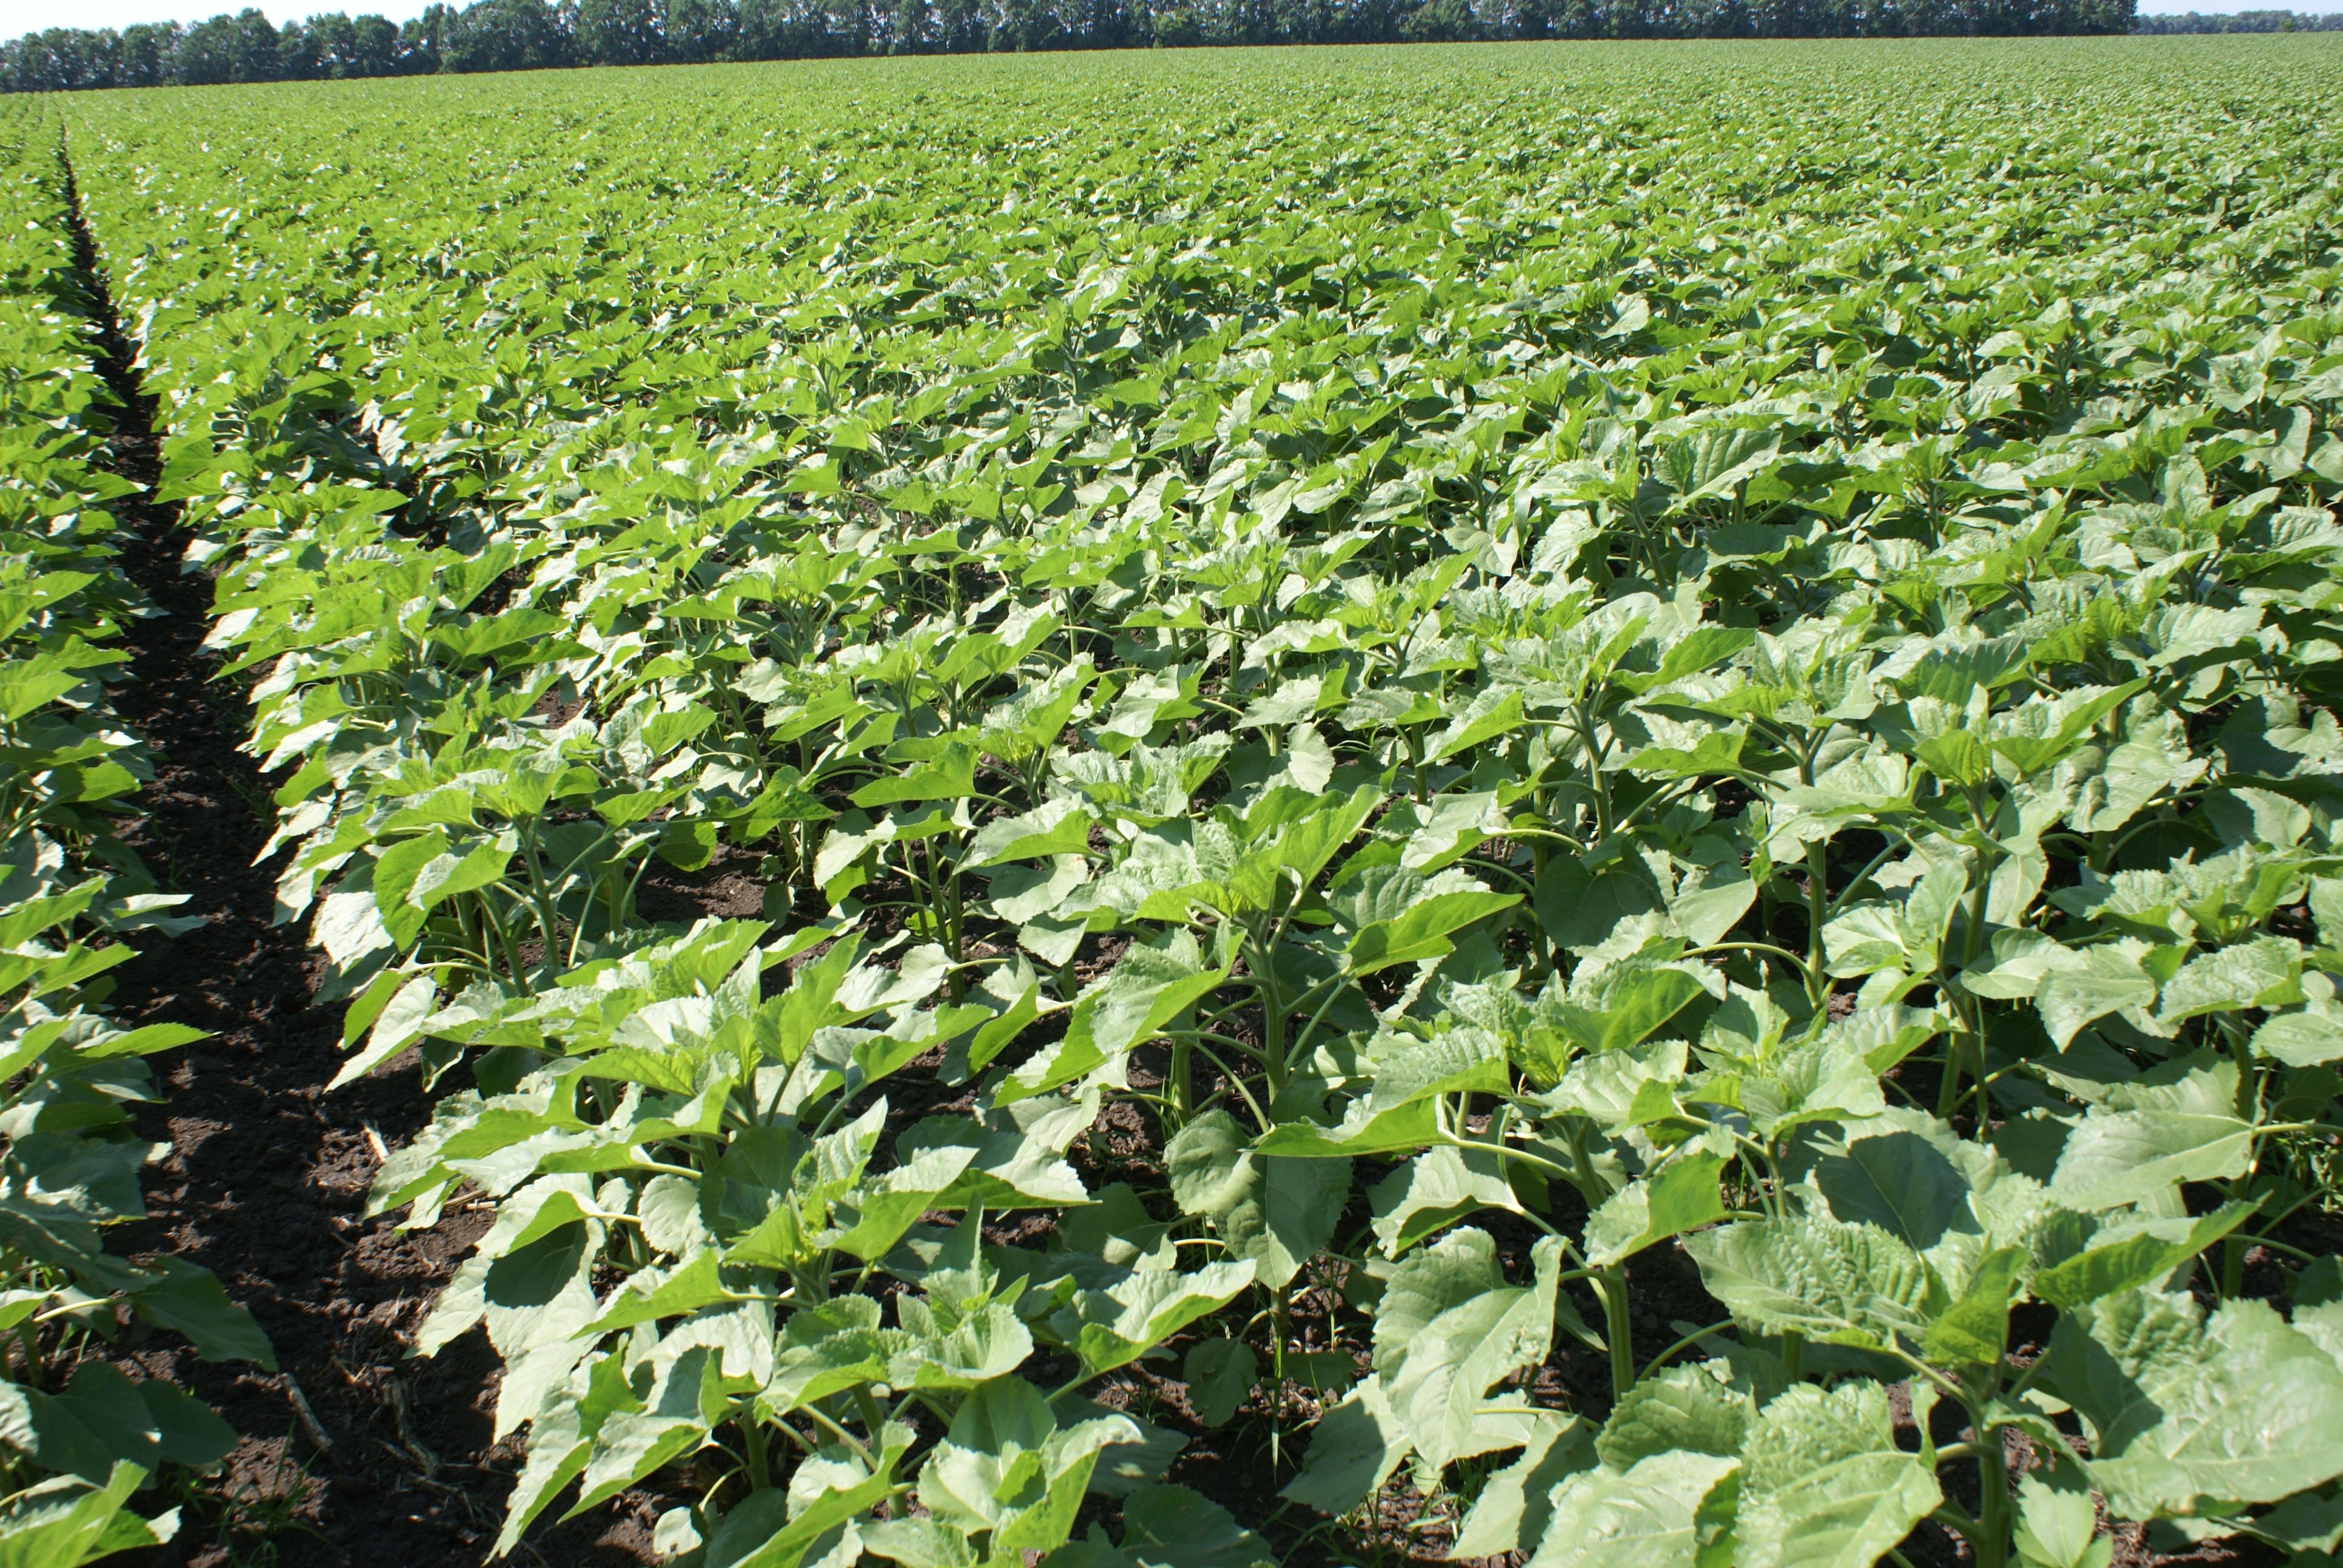 Выращивание подсолнечника в условиях дачного участка Дача 69